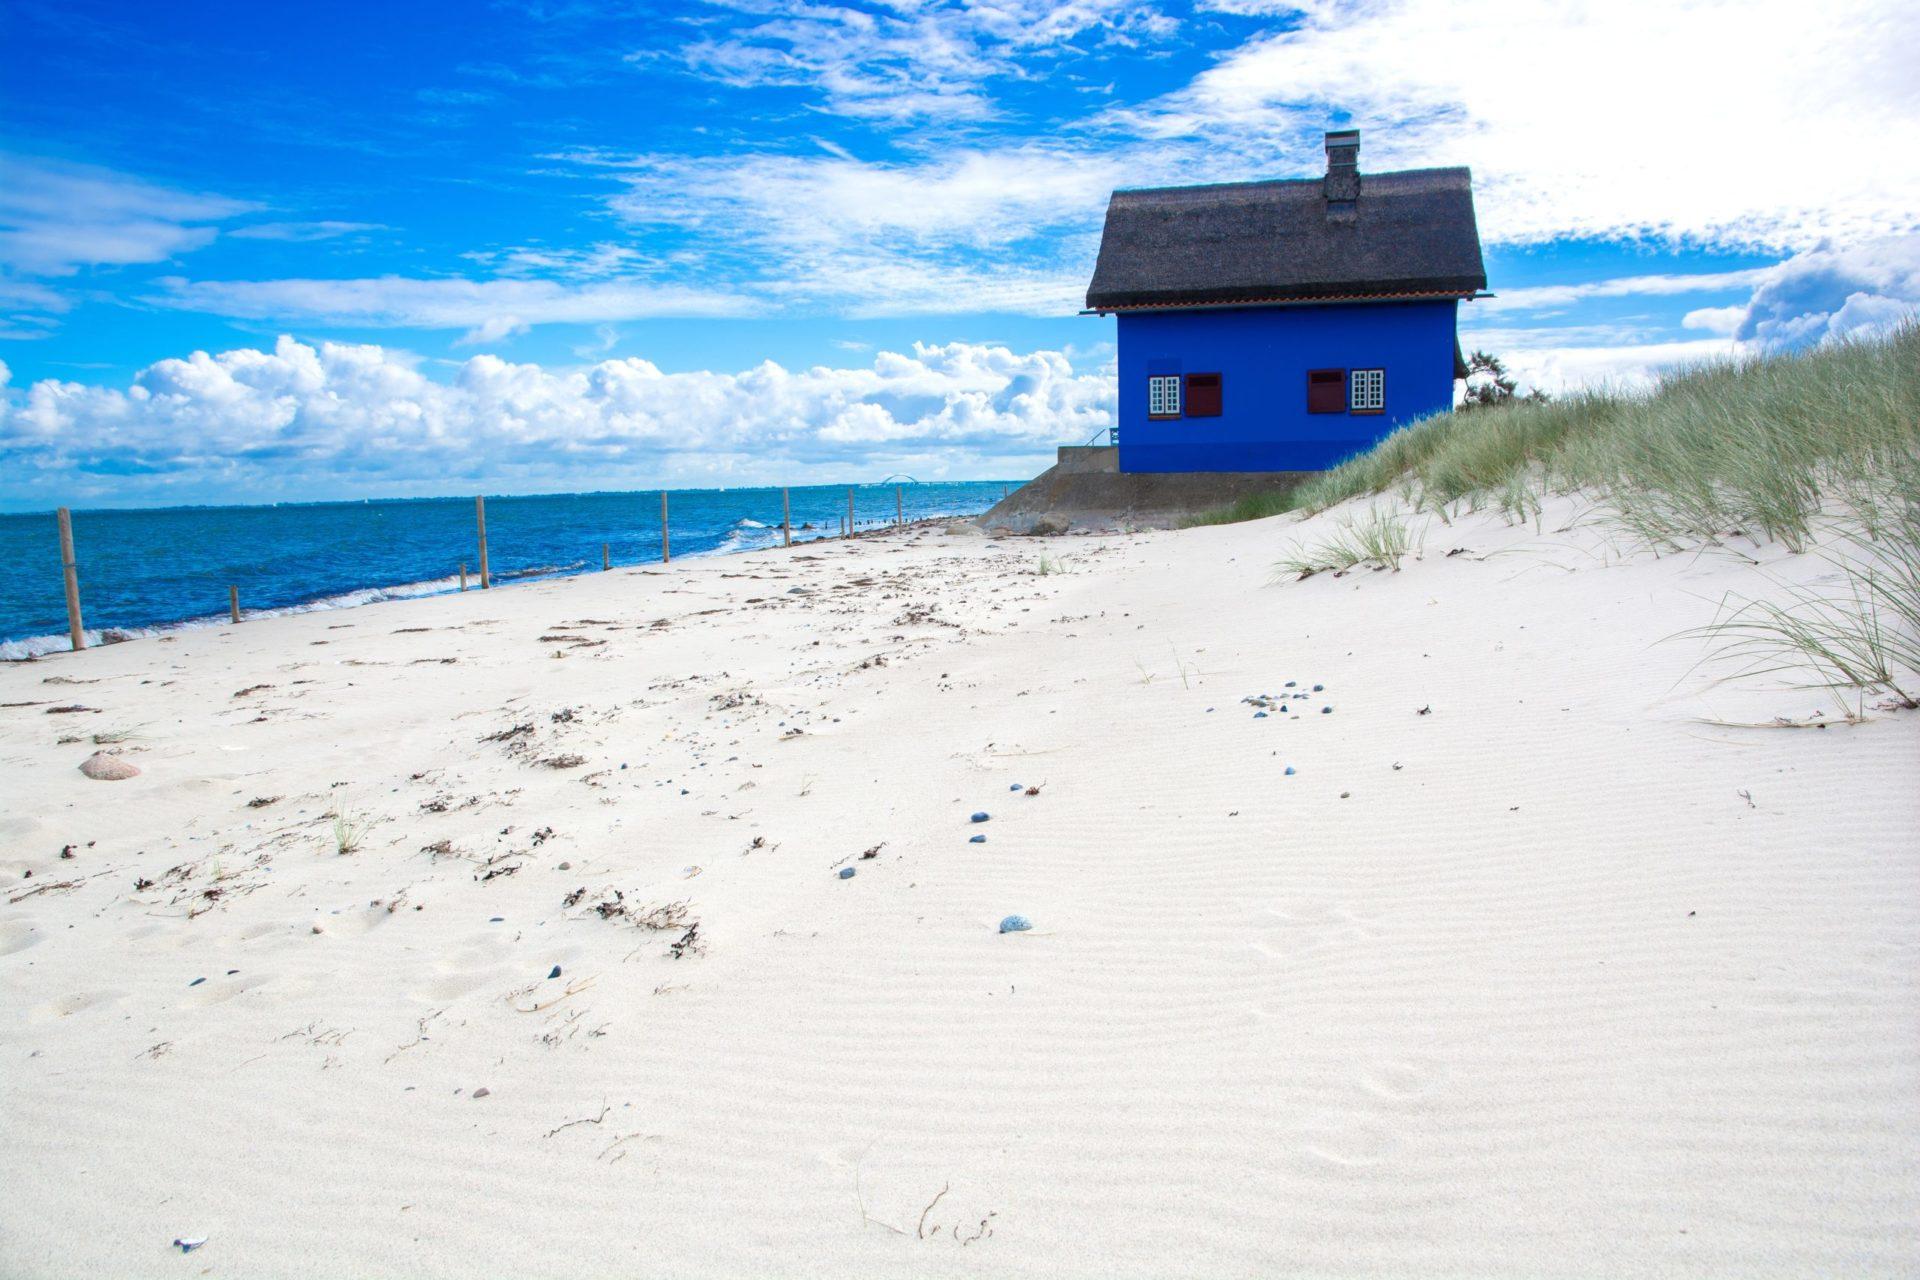 Wassertemperatur Heiligenhafen: Strandvilla Blaues Haus auf Landzunge im Naturschutzgebiet Graswarder